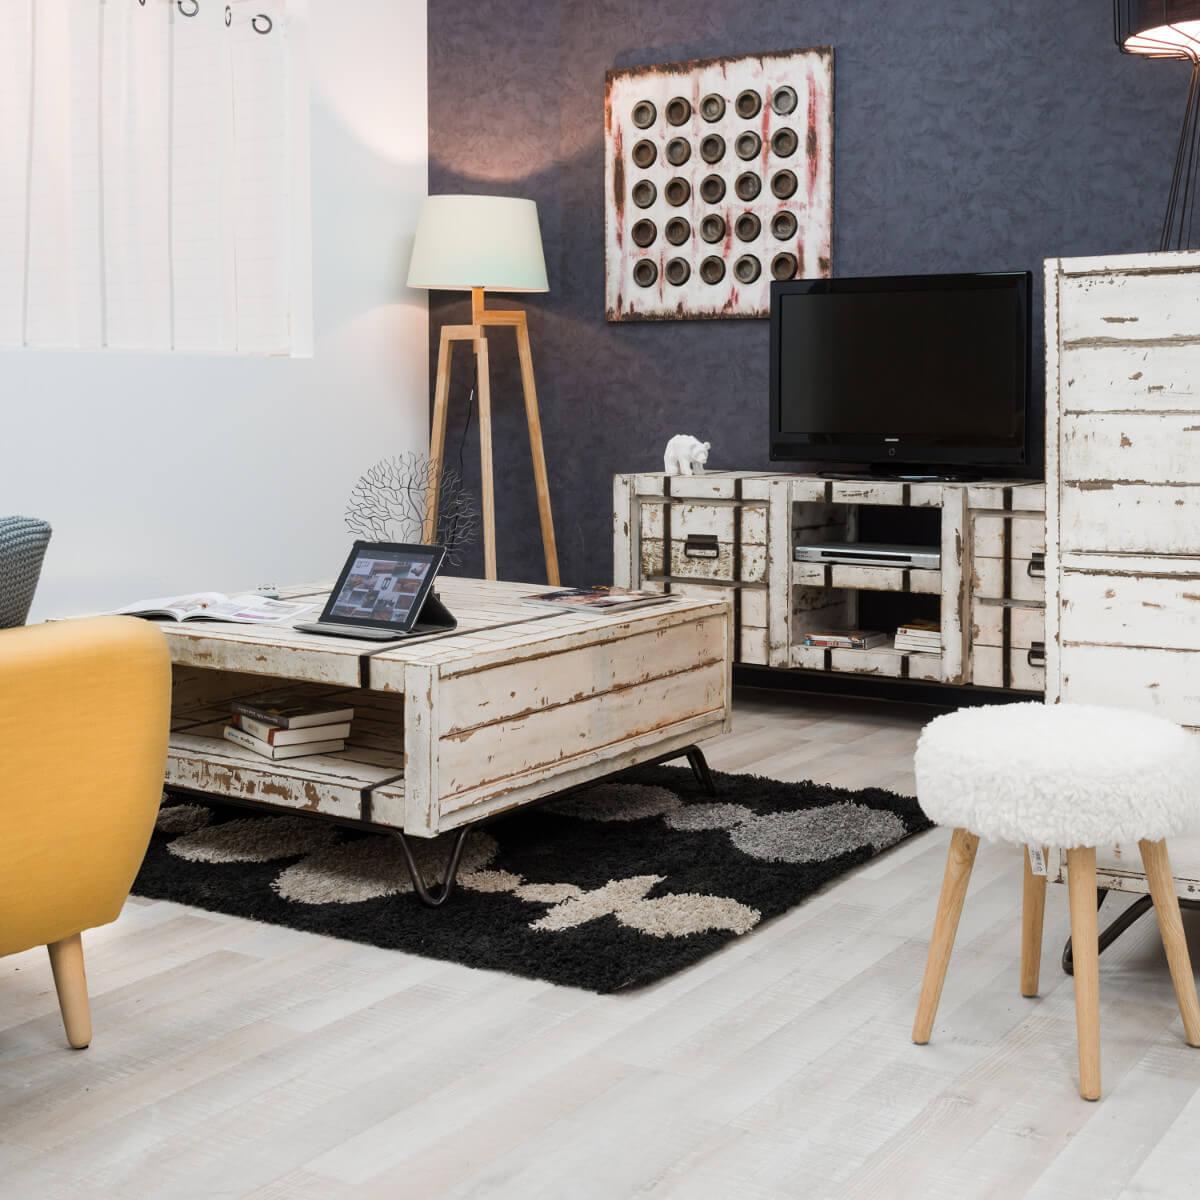 Table basse industrielle meuble en bois rectangle blanche mindi loft 1 m - Table de salon rectangulaire ...